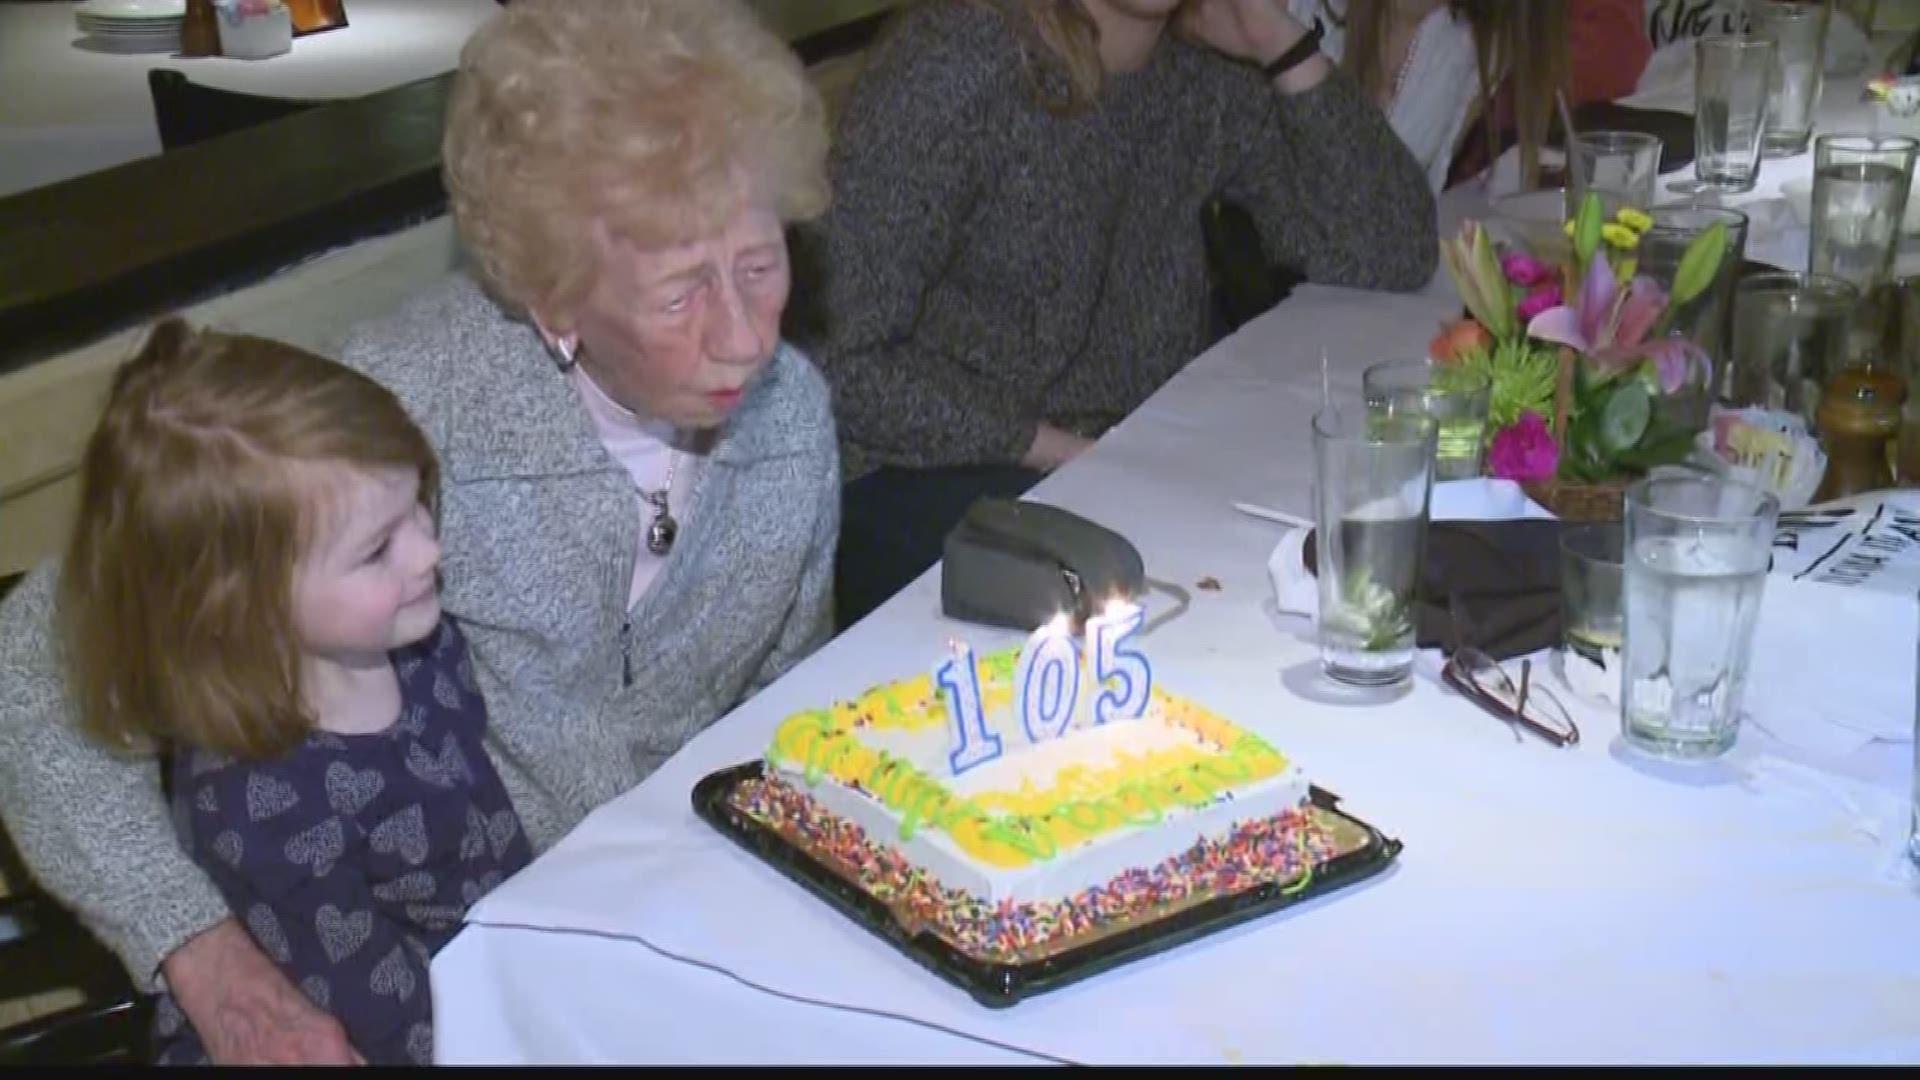 Astounding Wnyer Celebrates 105Th Birthday Wgrz Com Funny Birthday Cards Online Necthendildamsfinfo